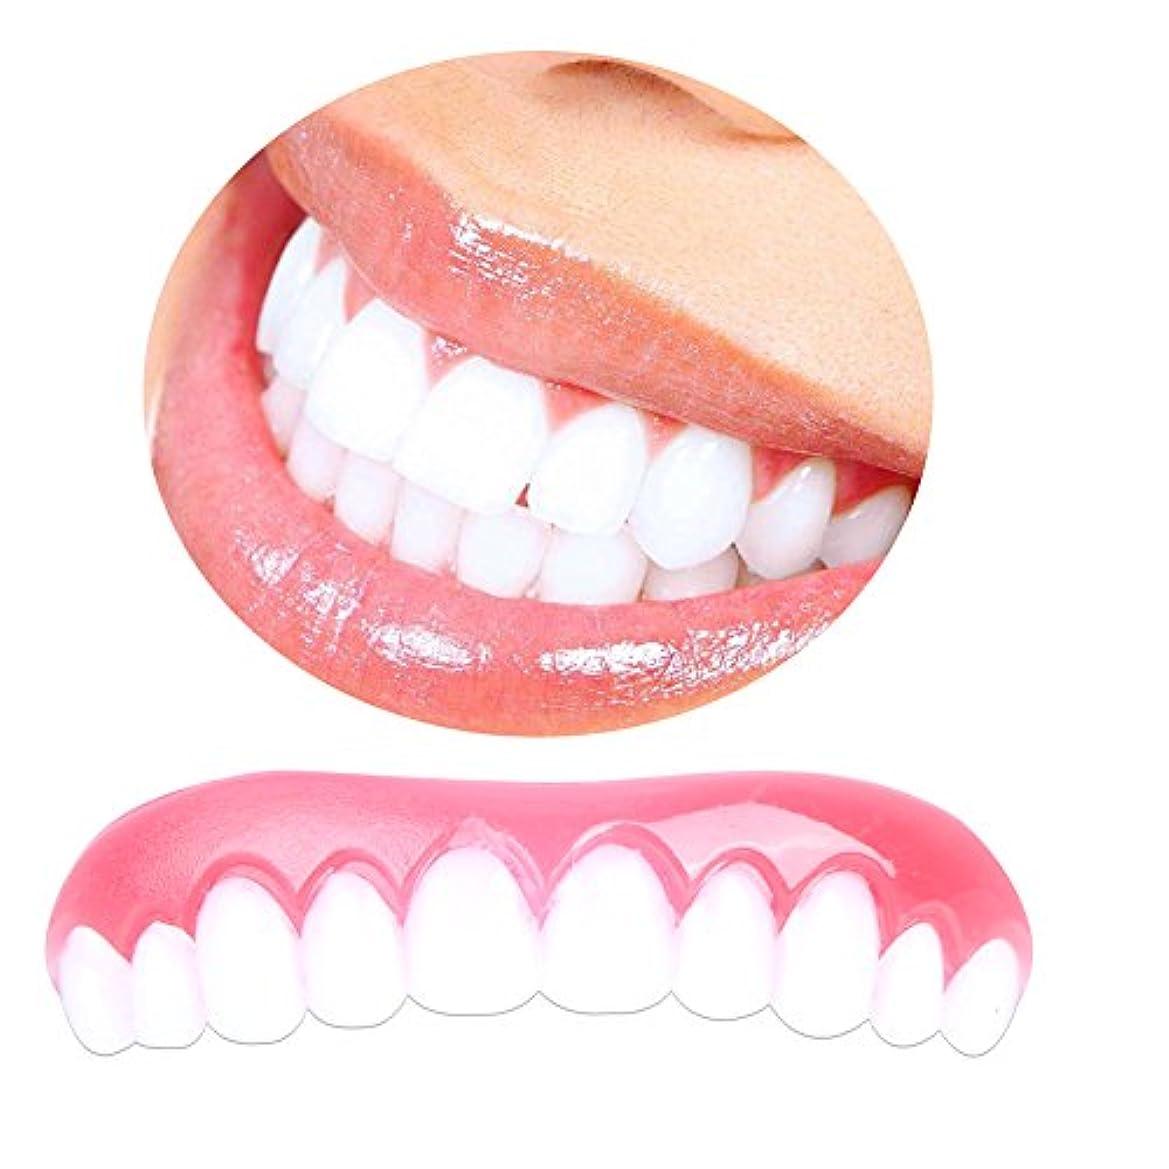 準備するシニス一月2ピースコンフォートフィットフレックス化粧品の歯完璧な笑顔のベニヤダブの歯の修正のための歯の修正のための完璧な笑顔のベニヤの歯のホワイトニング